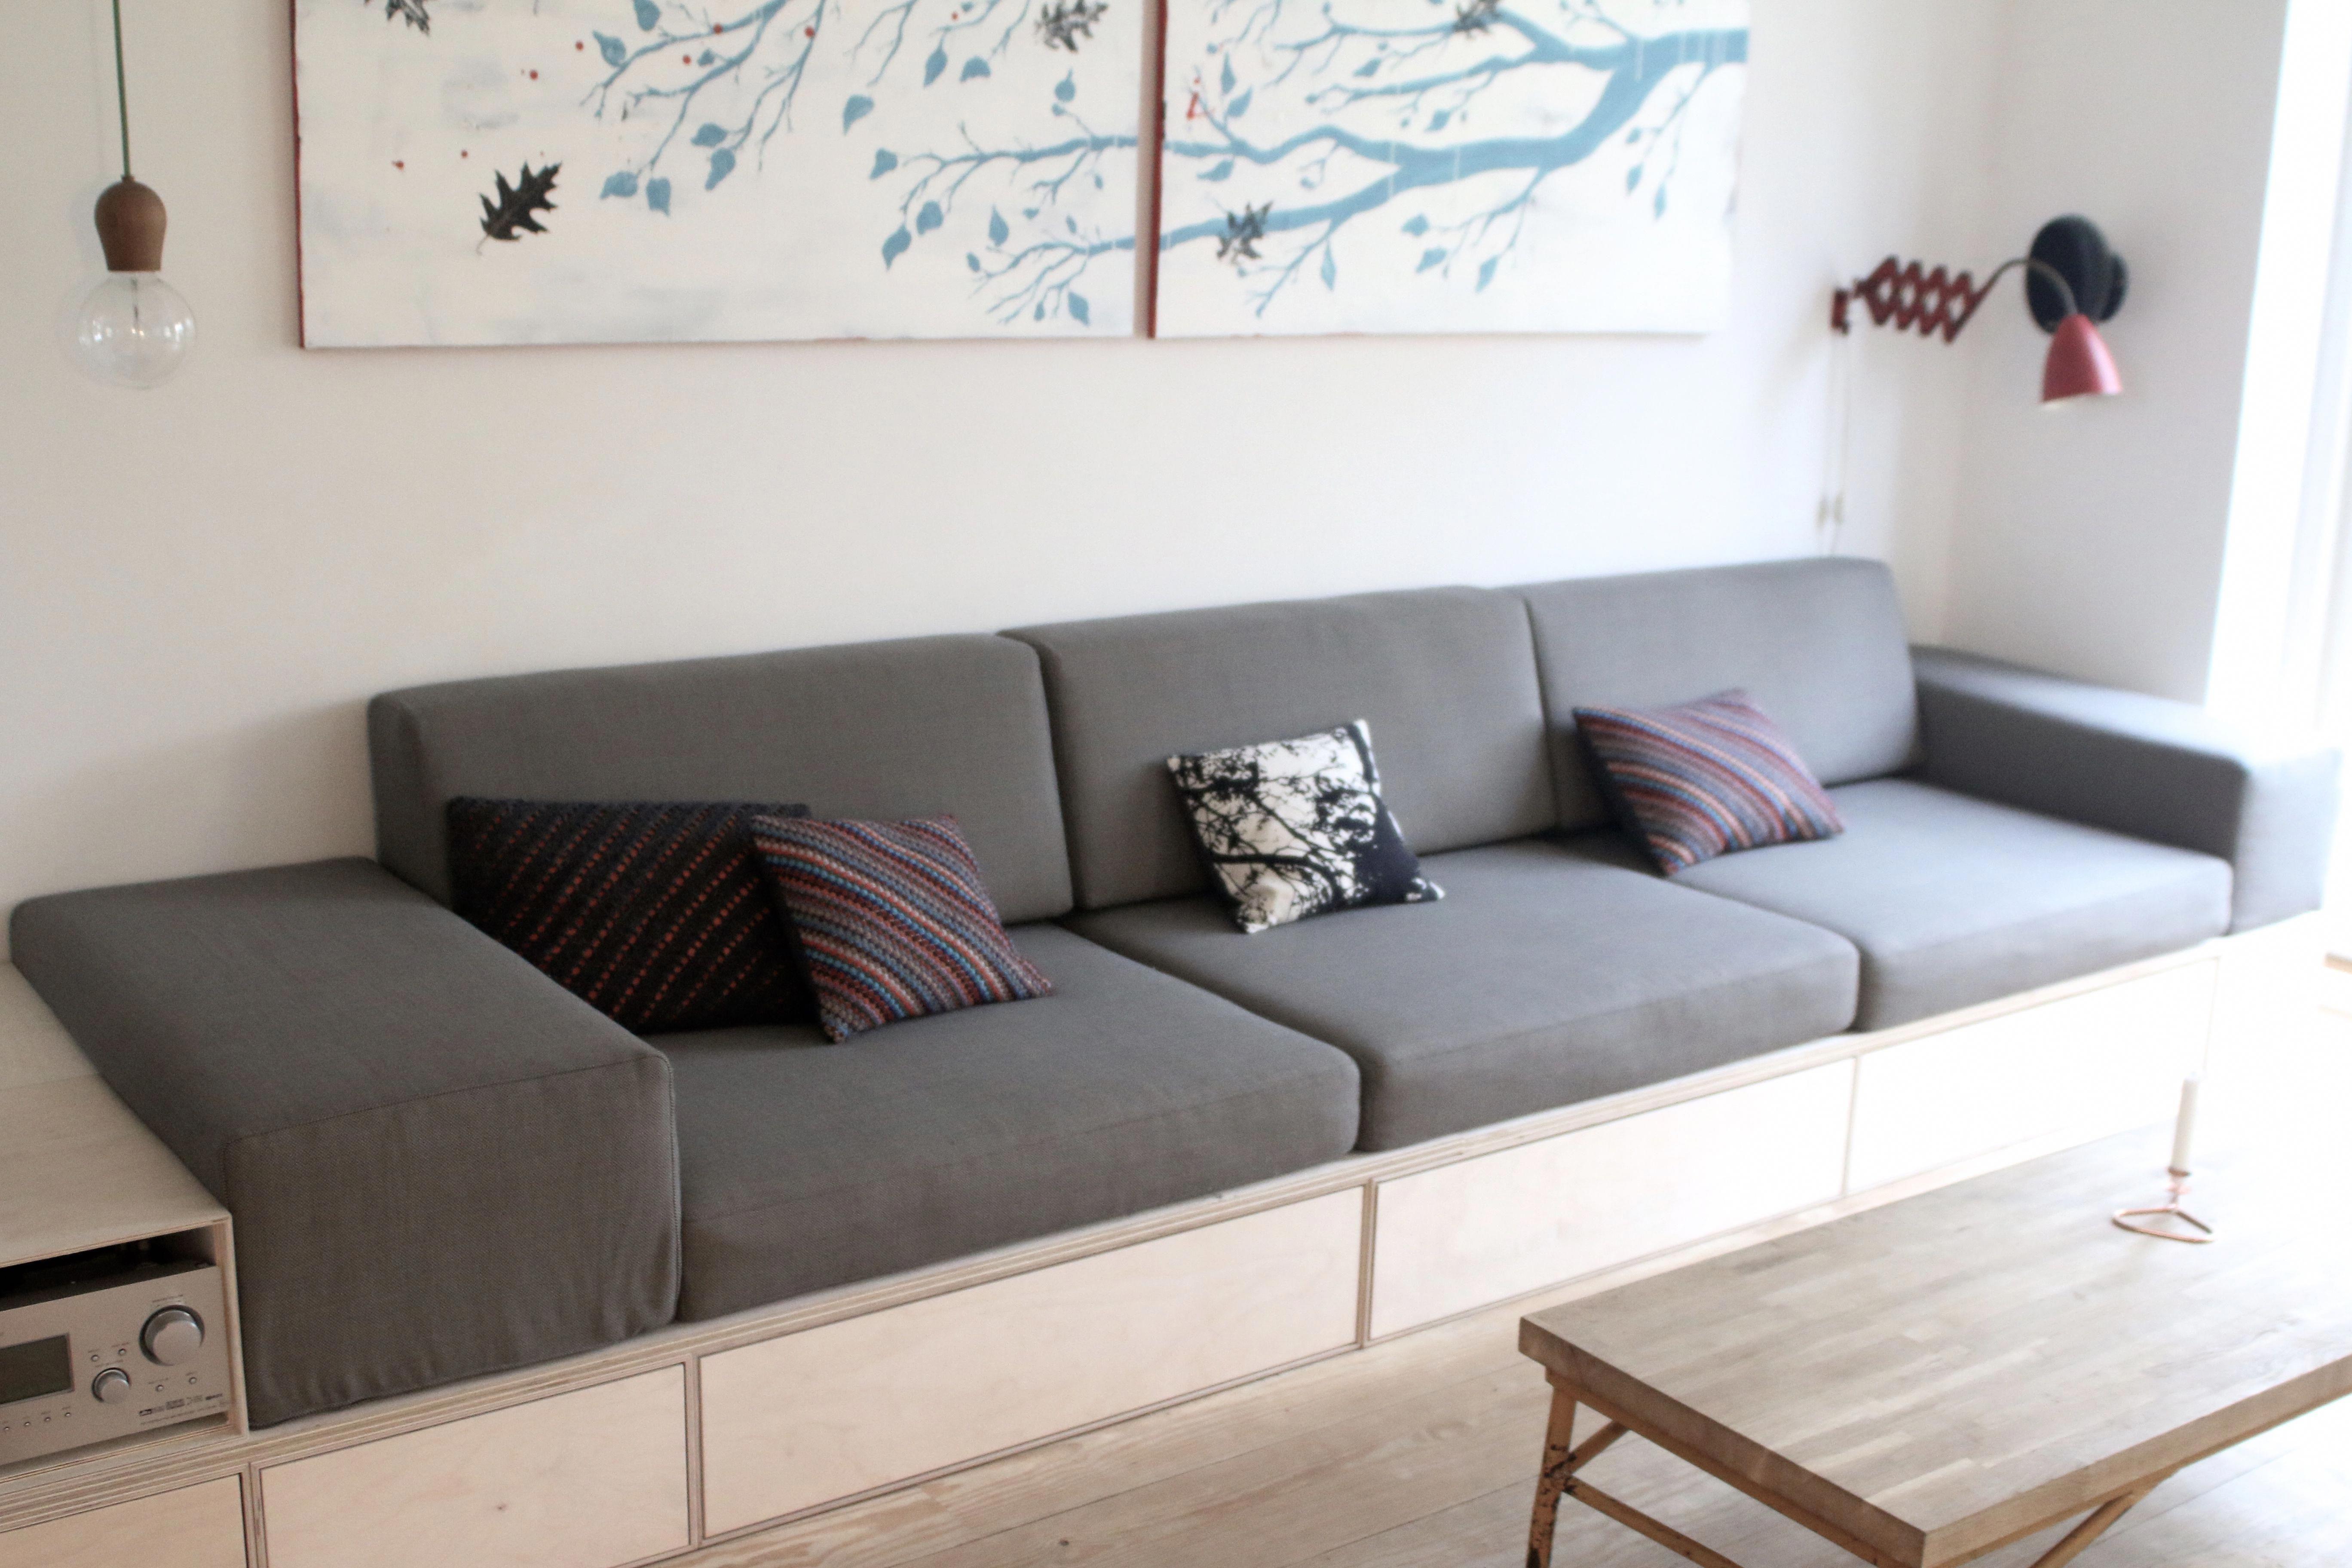 Eyes Wide Open Drommen Om Byg Din Egen Sofa Furnituresofa Built In Sofa Homemade Sofa Diy Sofa